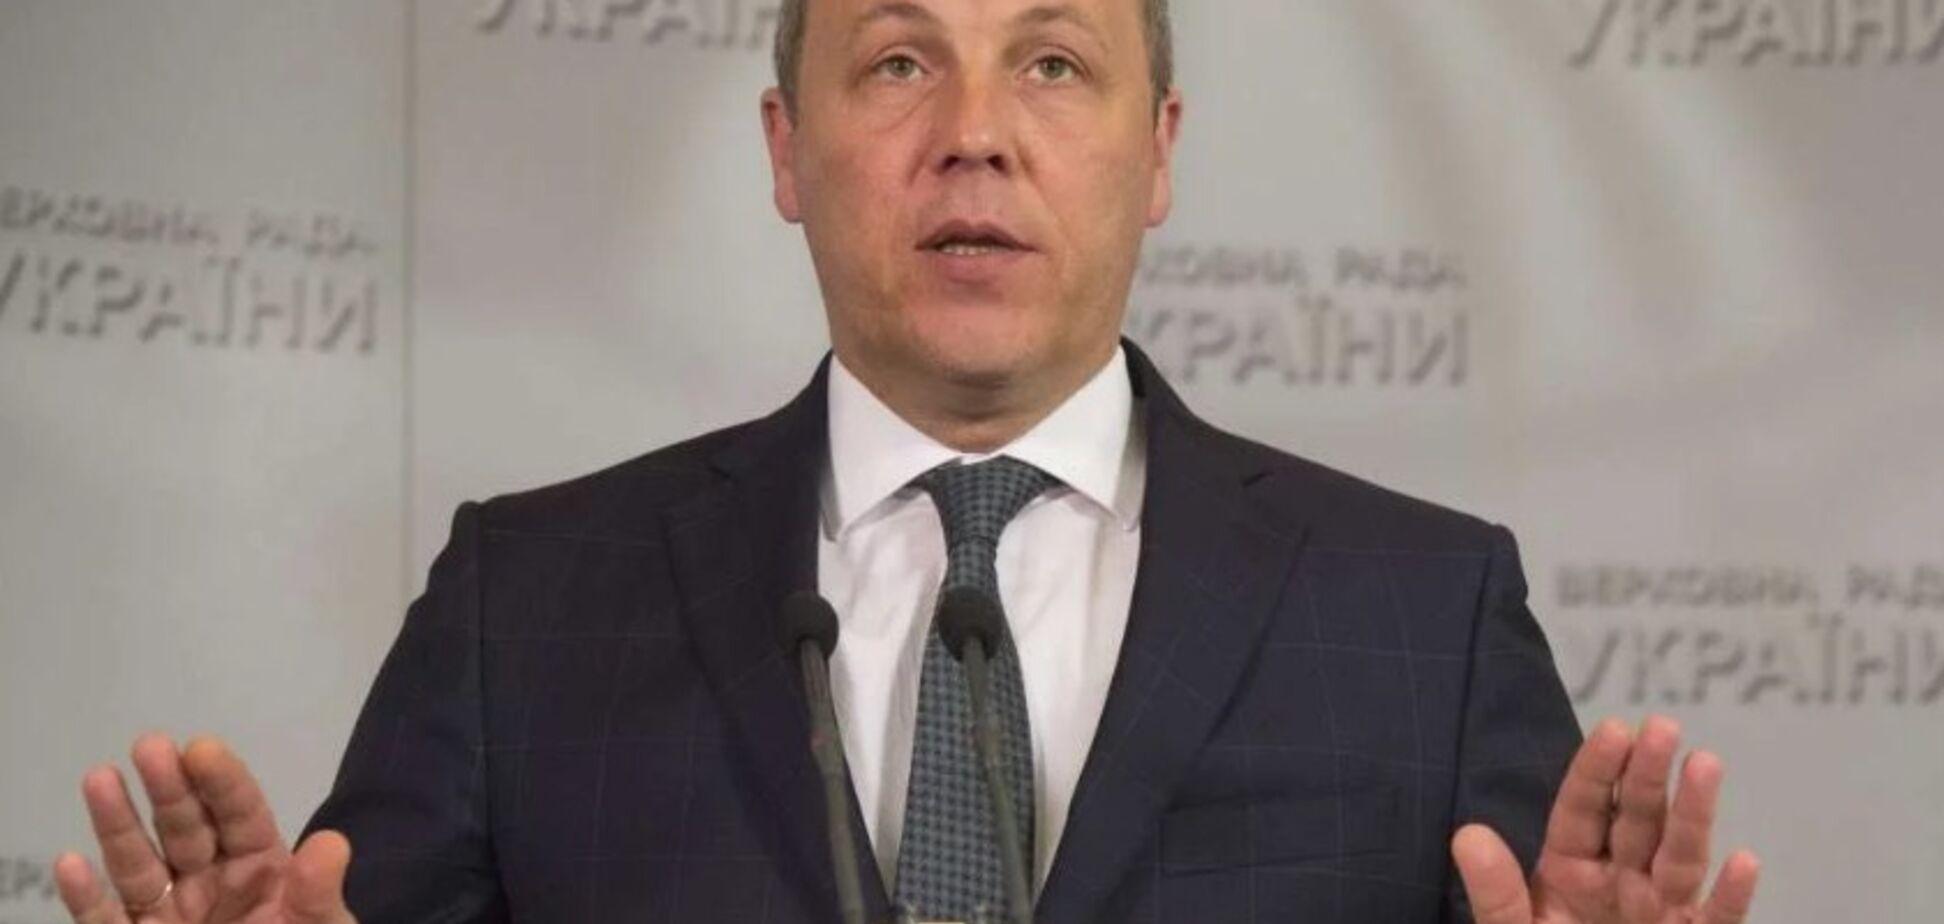 ''Хочет уничтожить Украину'': Парубий указал на угрозу России